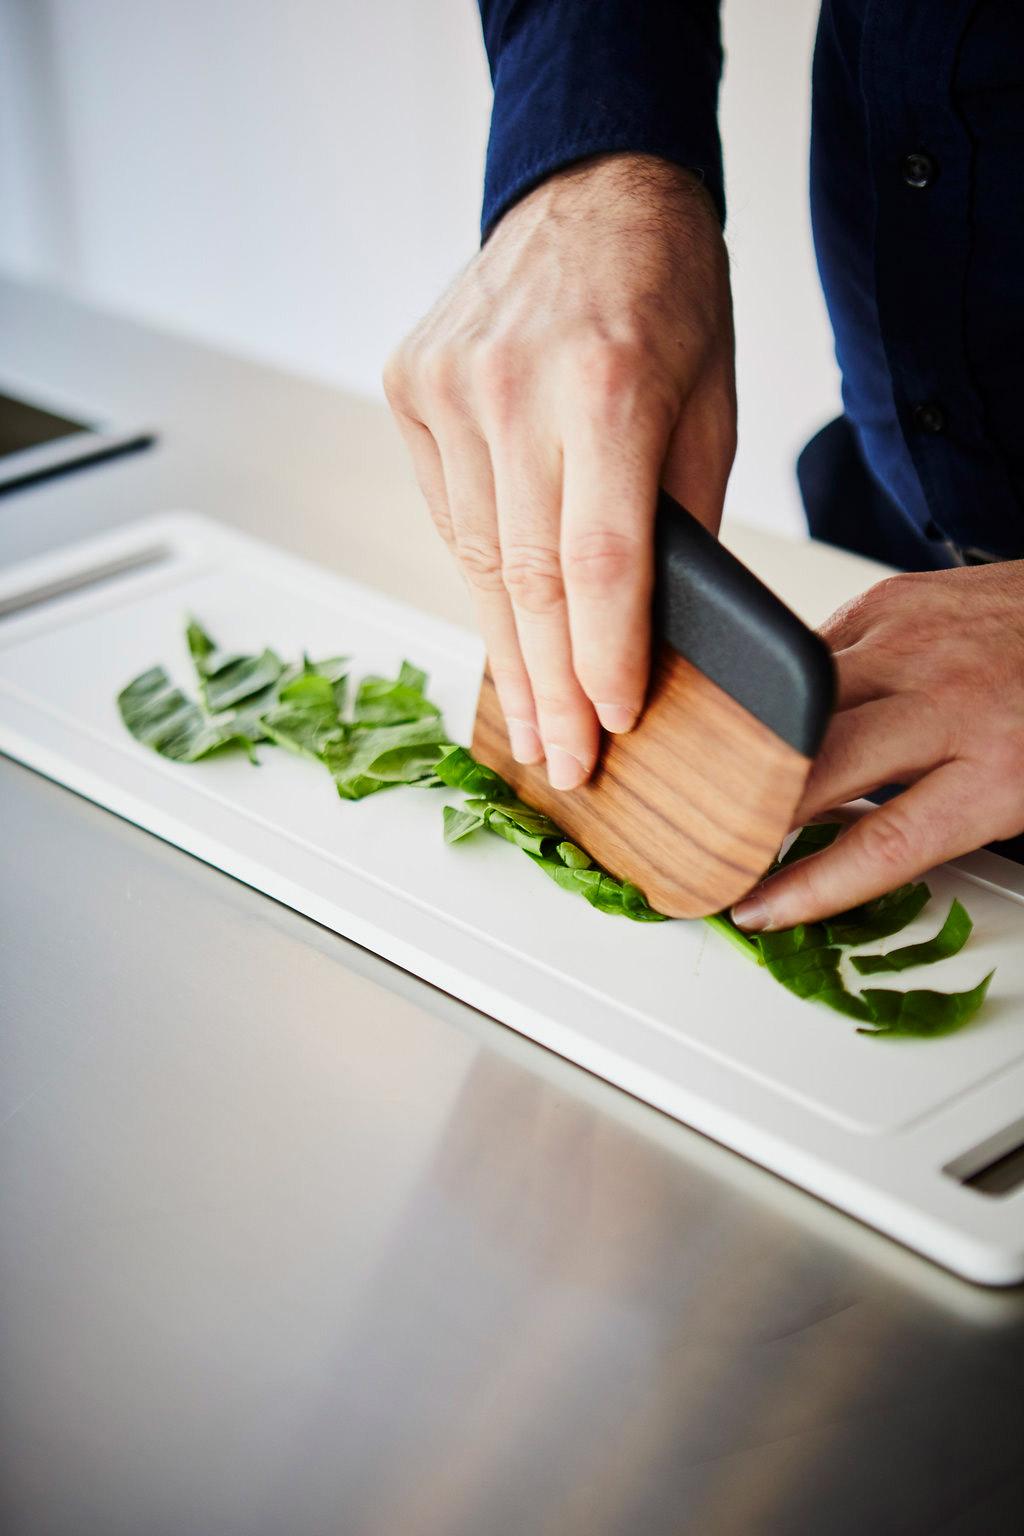 ChifenCheng-Milan-Knife-4.jpg